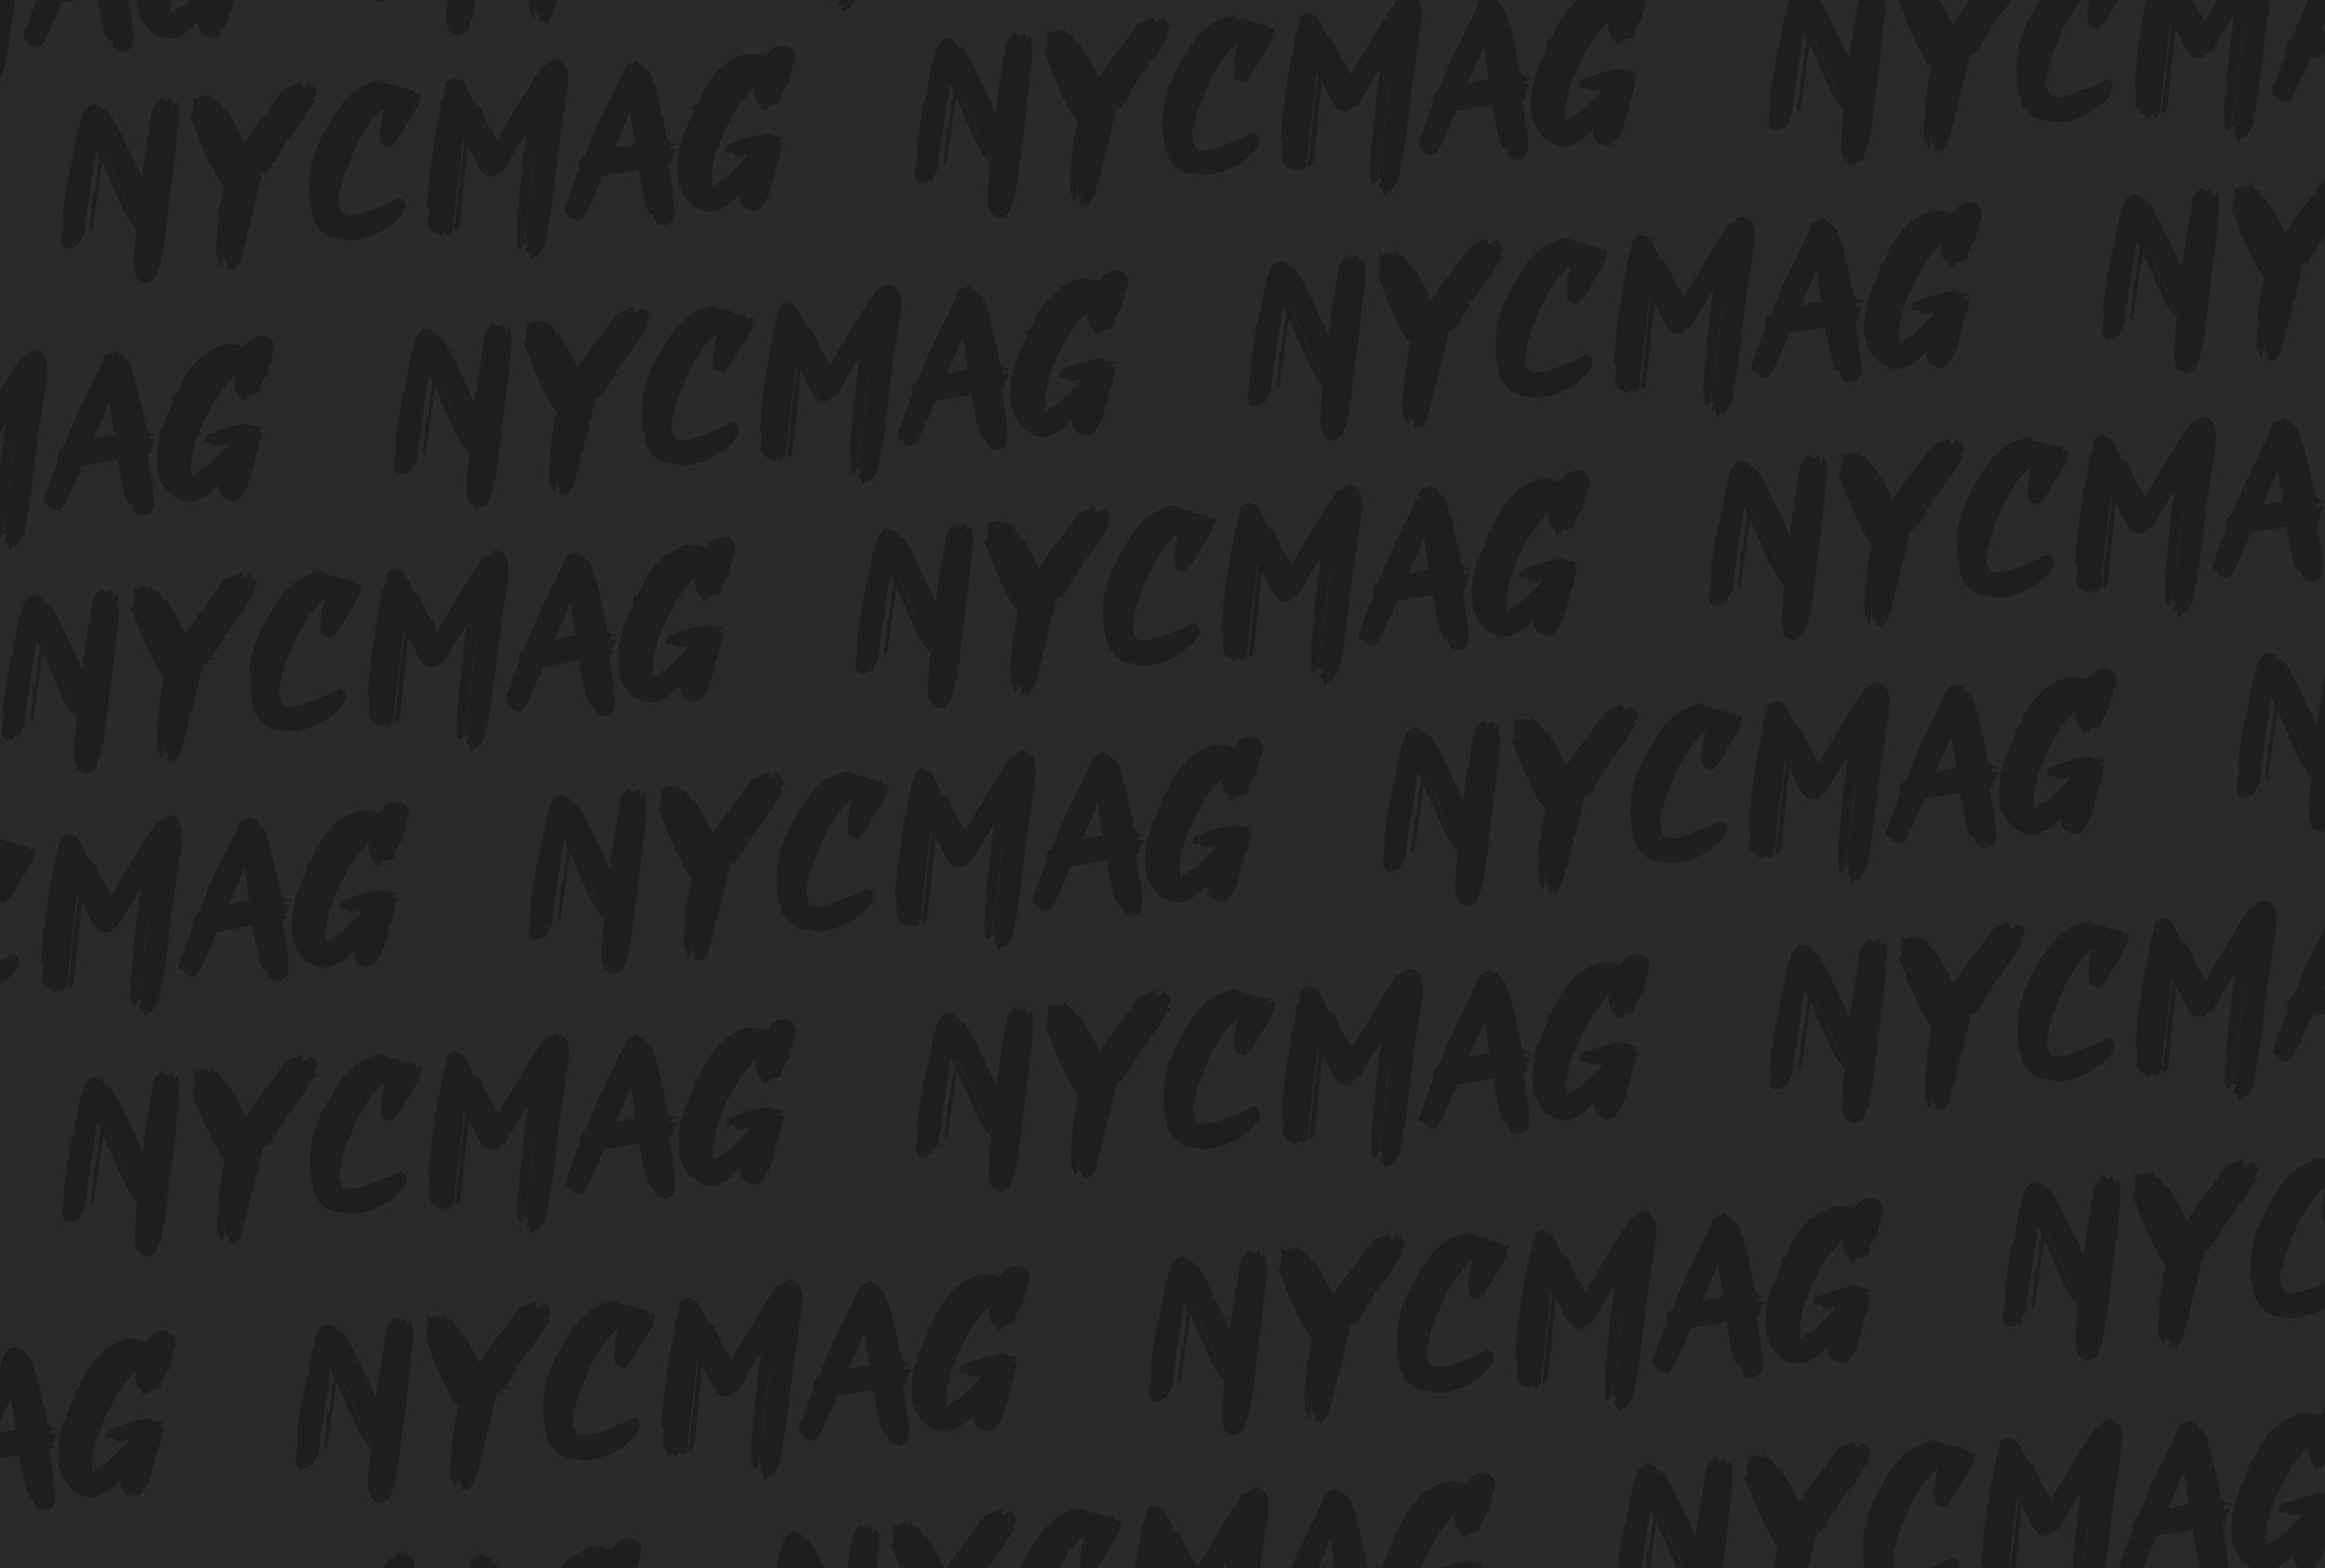 NYCMAG goes international